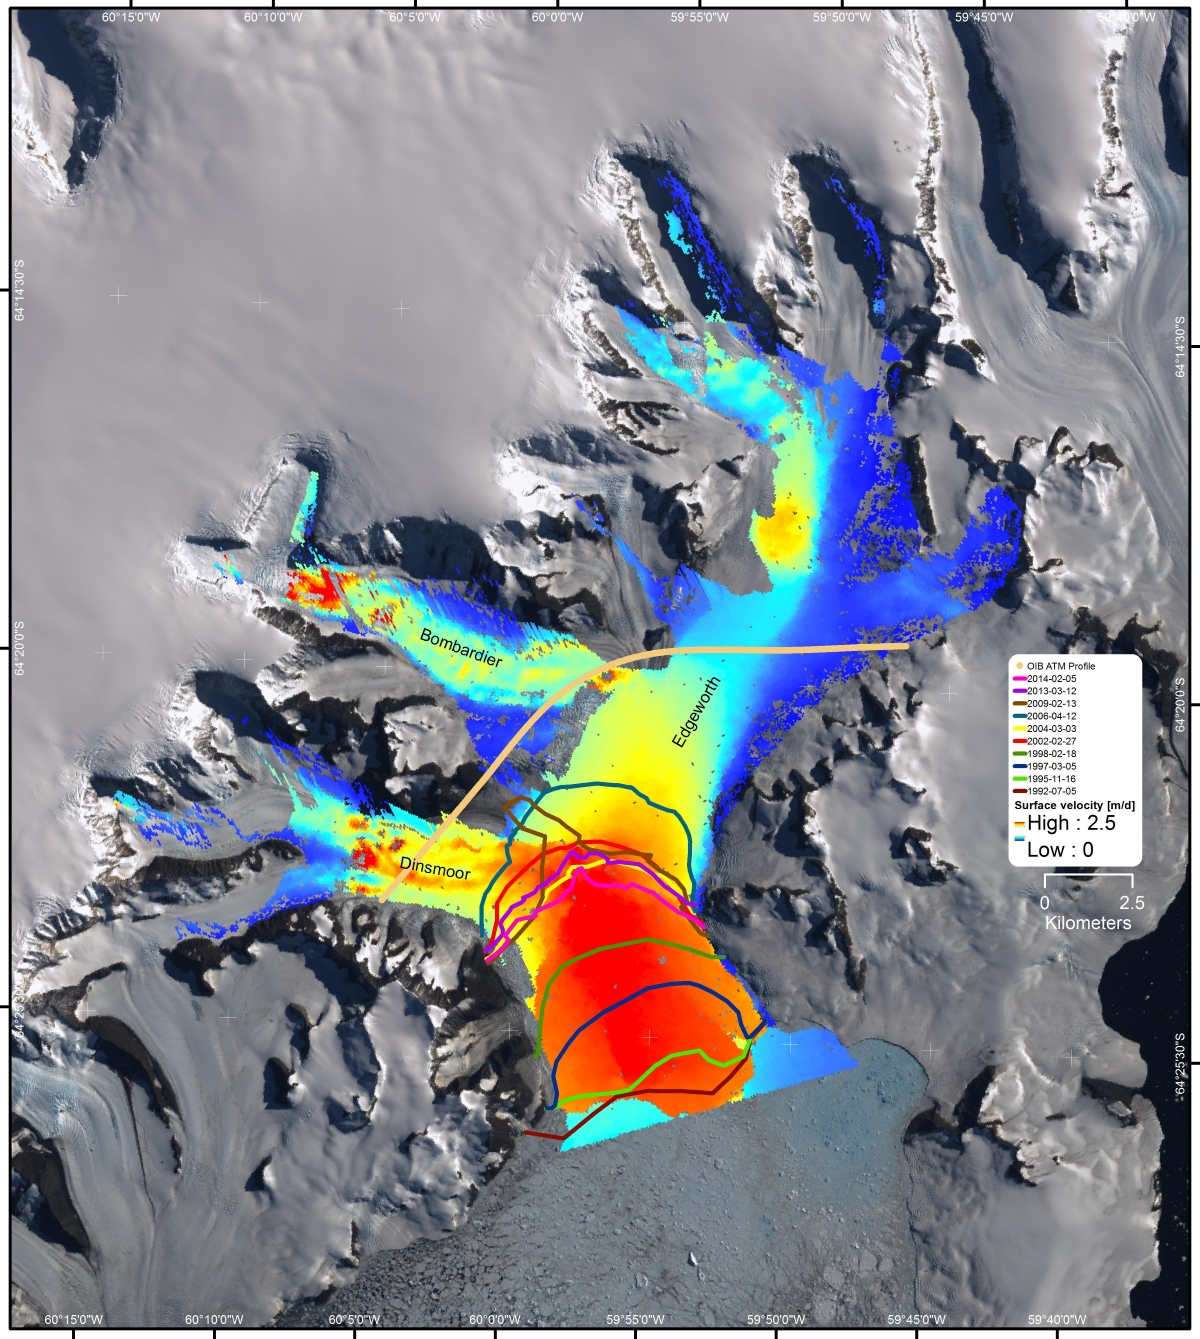 Institut Für Geographie Ag Fernerkundung Gisbraun› F1lJc3TK